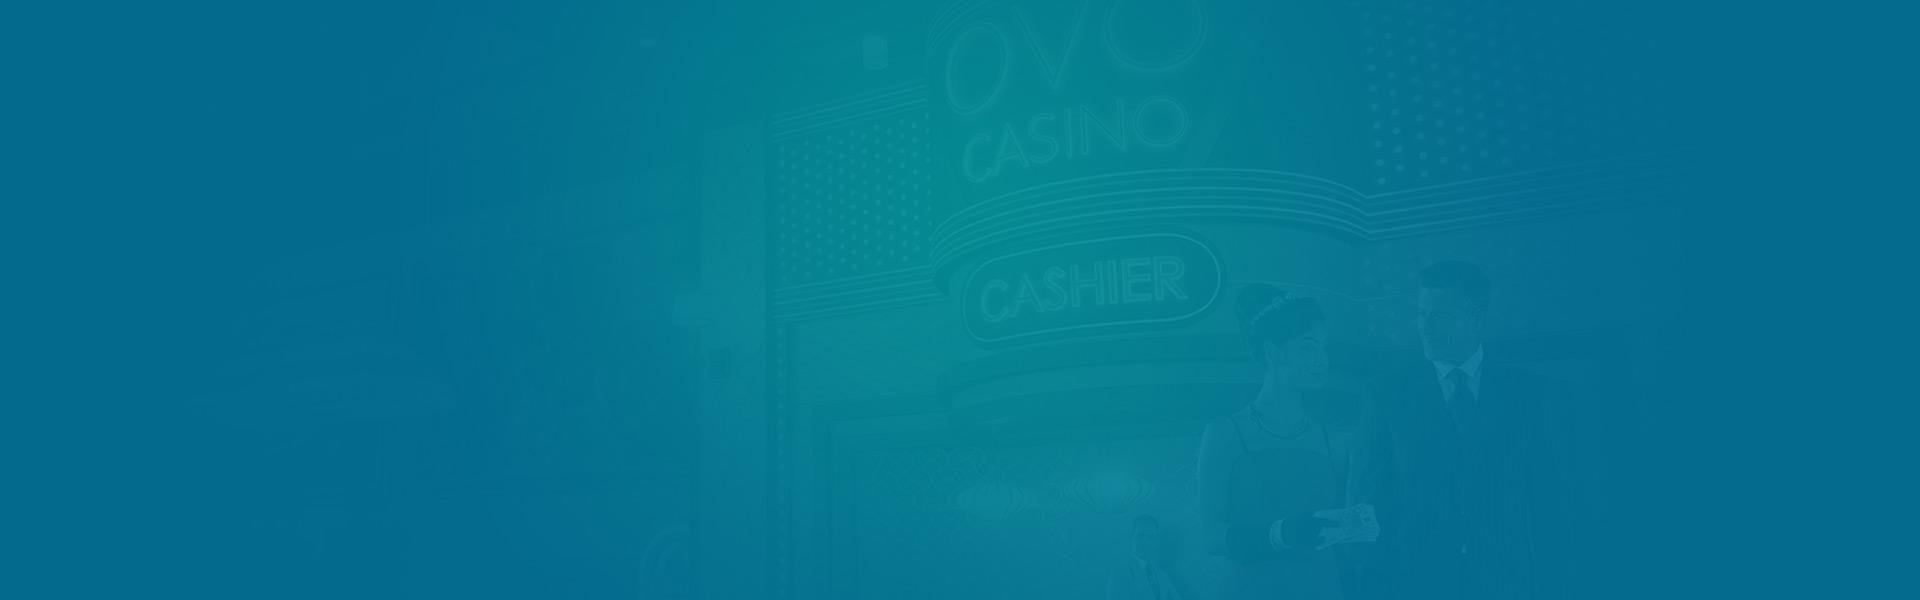 Freispiele 500 Bonus - 129999